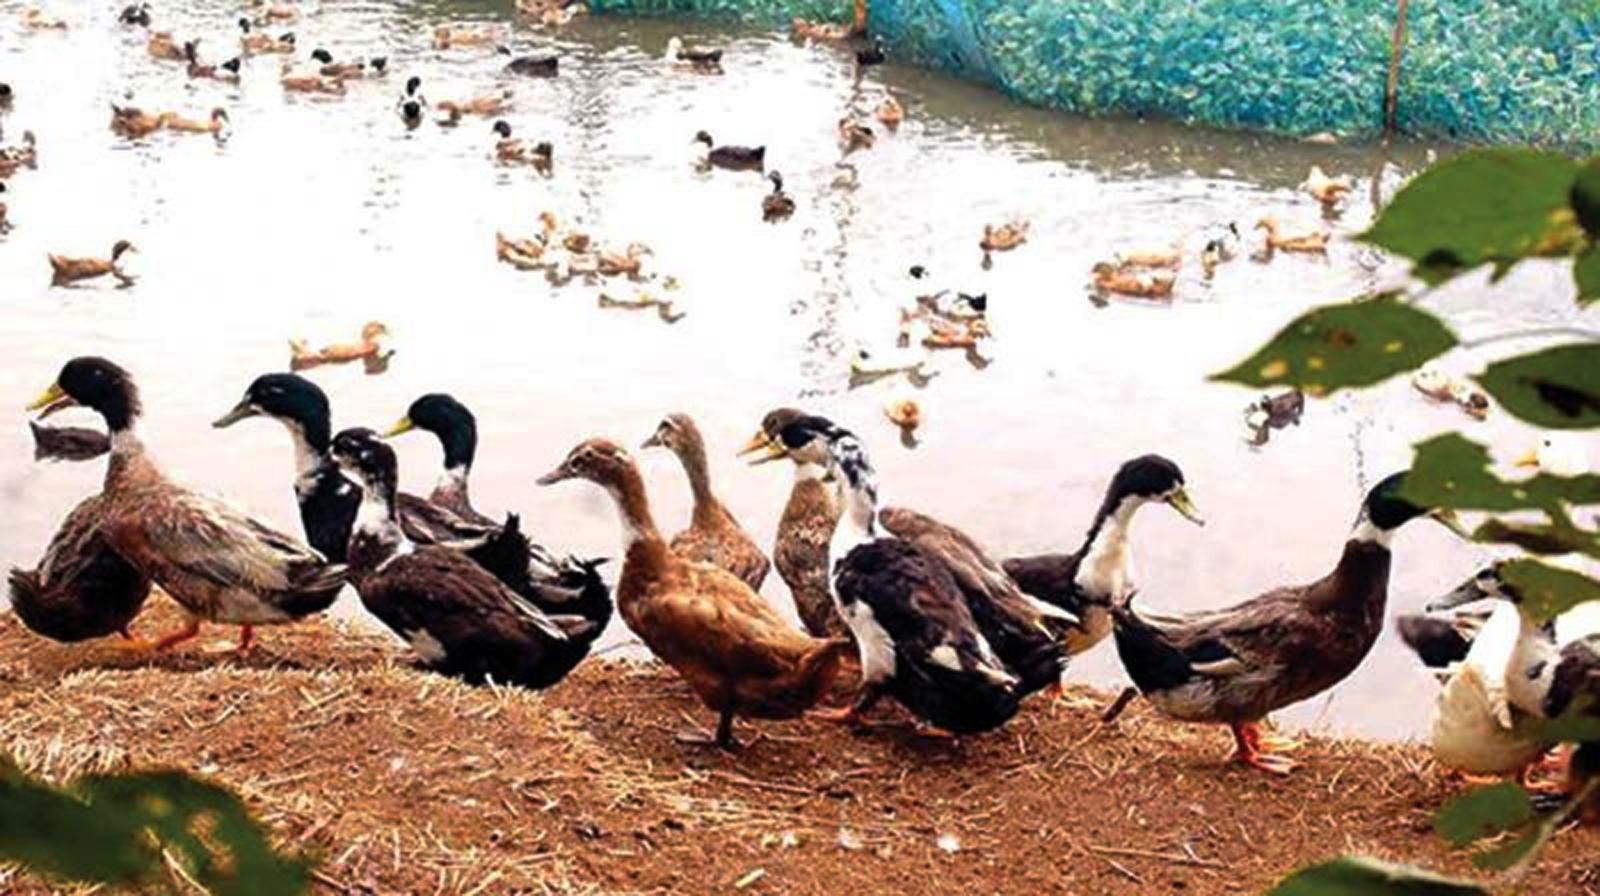 പക്ഷിപ്പനി വീണ്ടും; ആശങ്കയുടെ തീരത്ത് കുട്ടനാട്